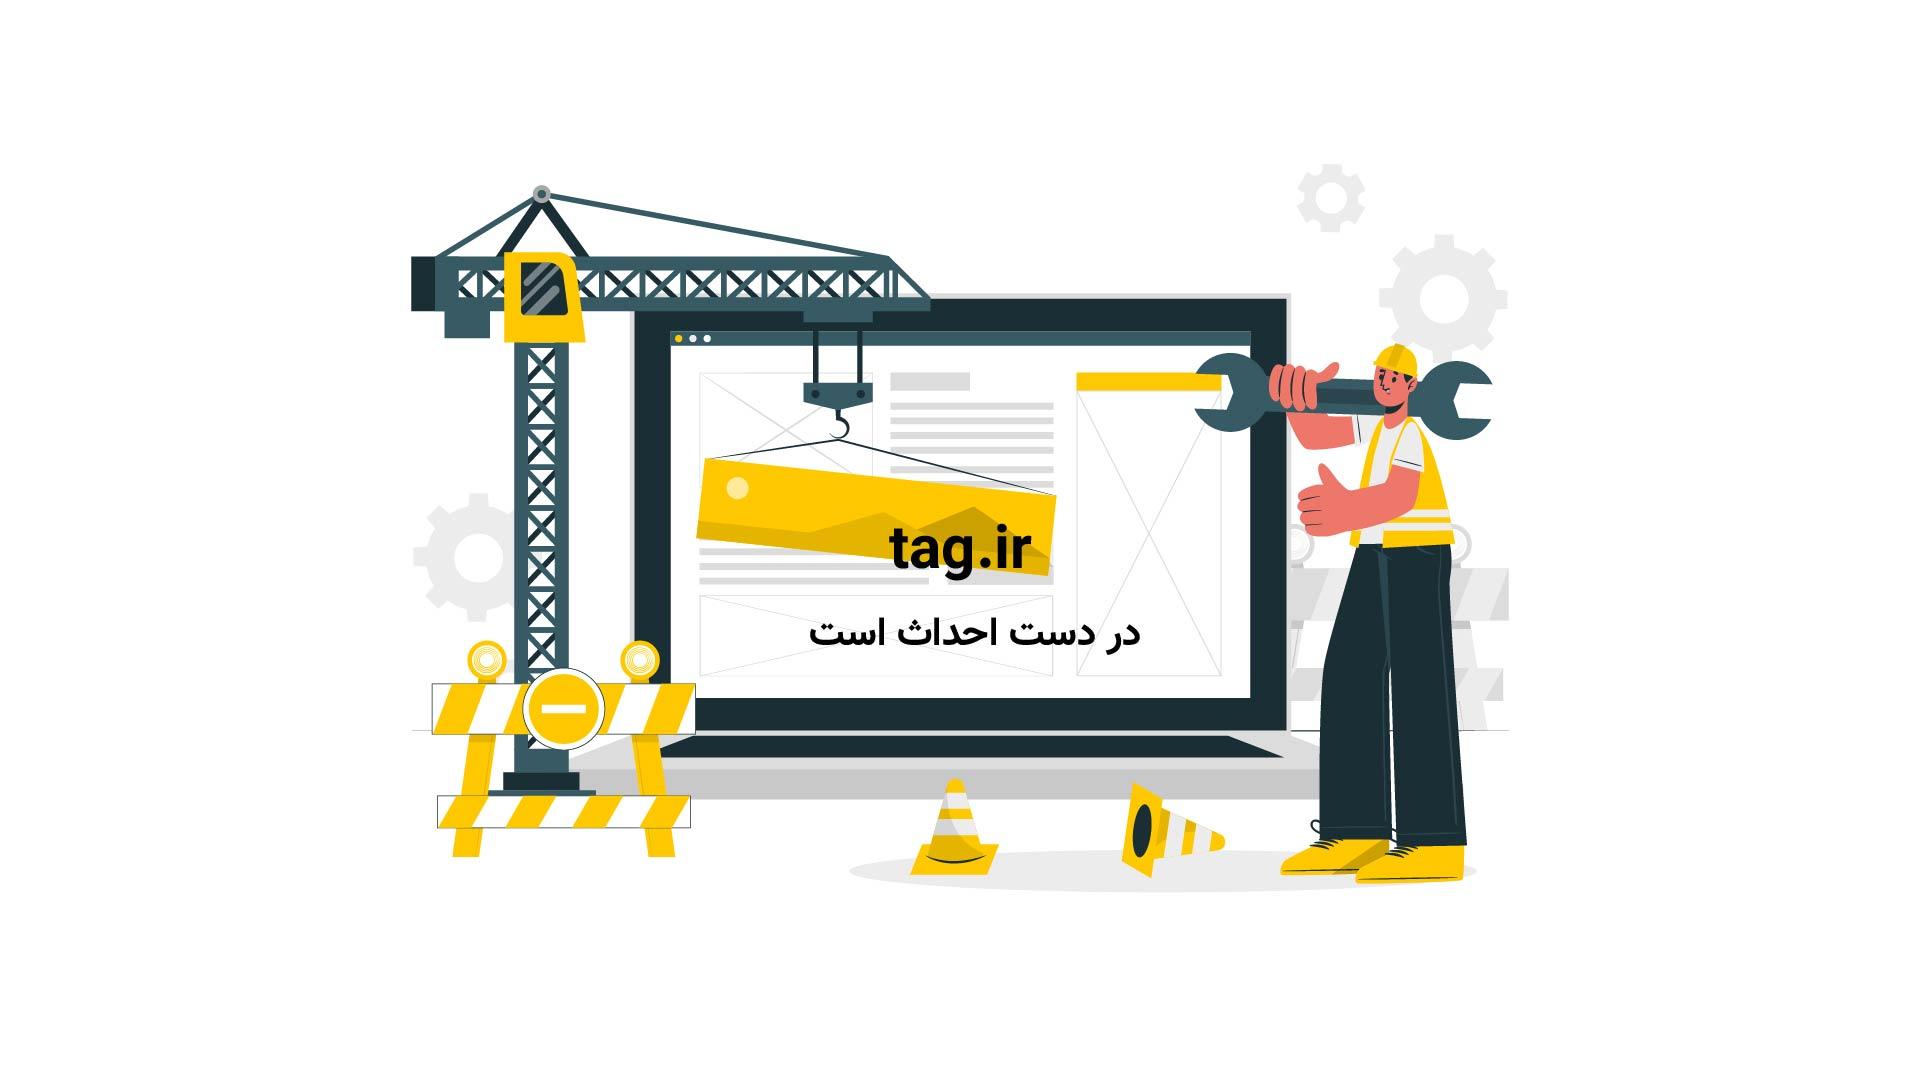 حیوانات و بچه هایشان | تگ